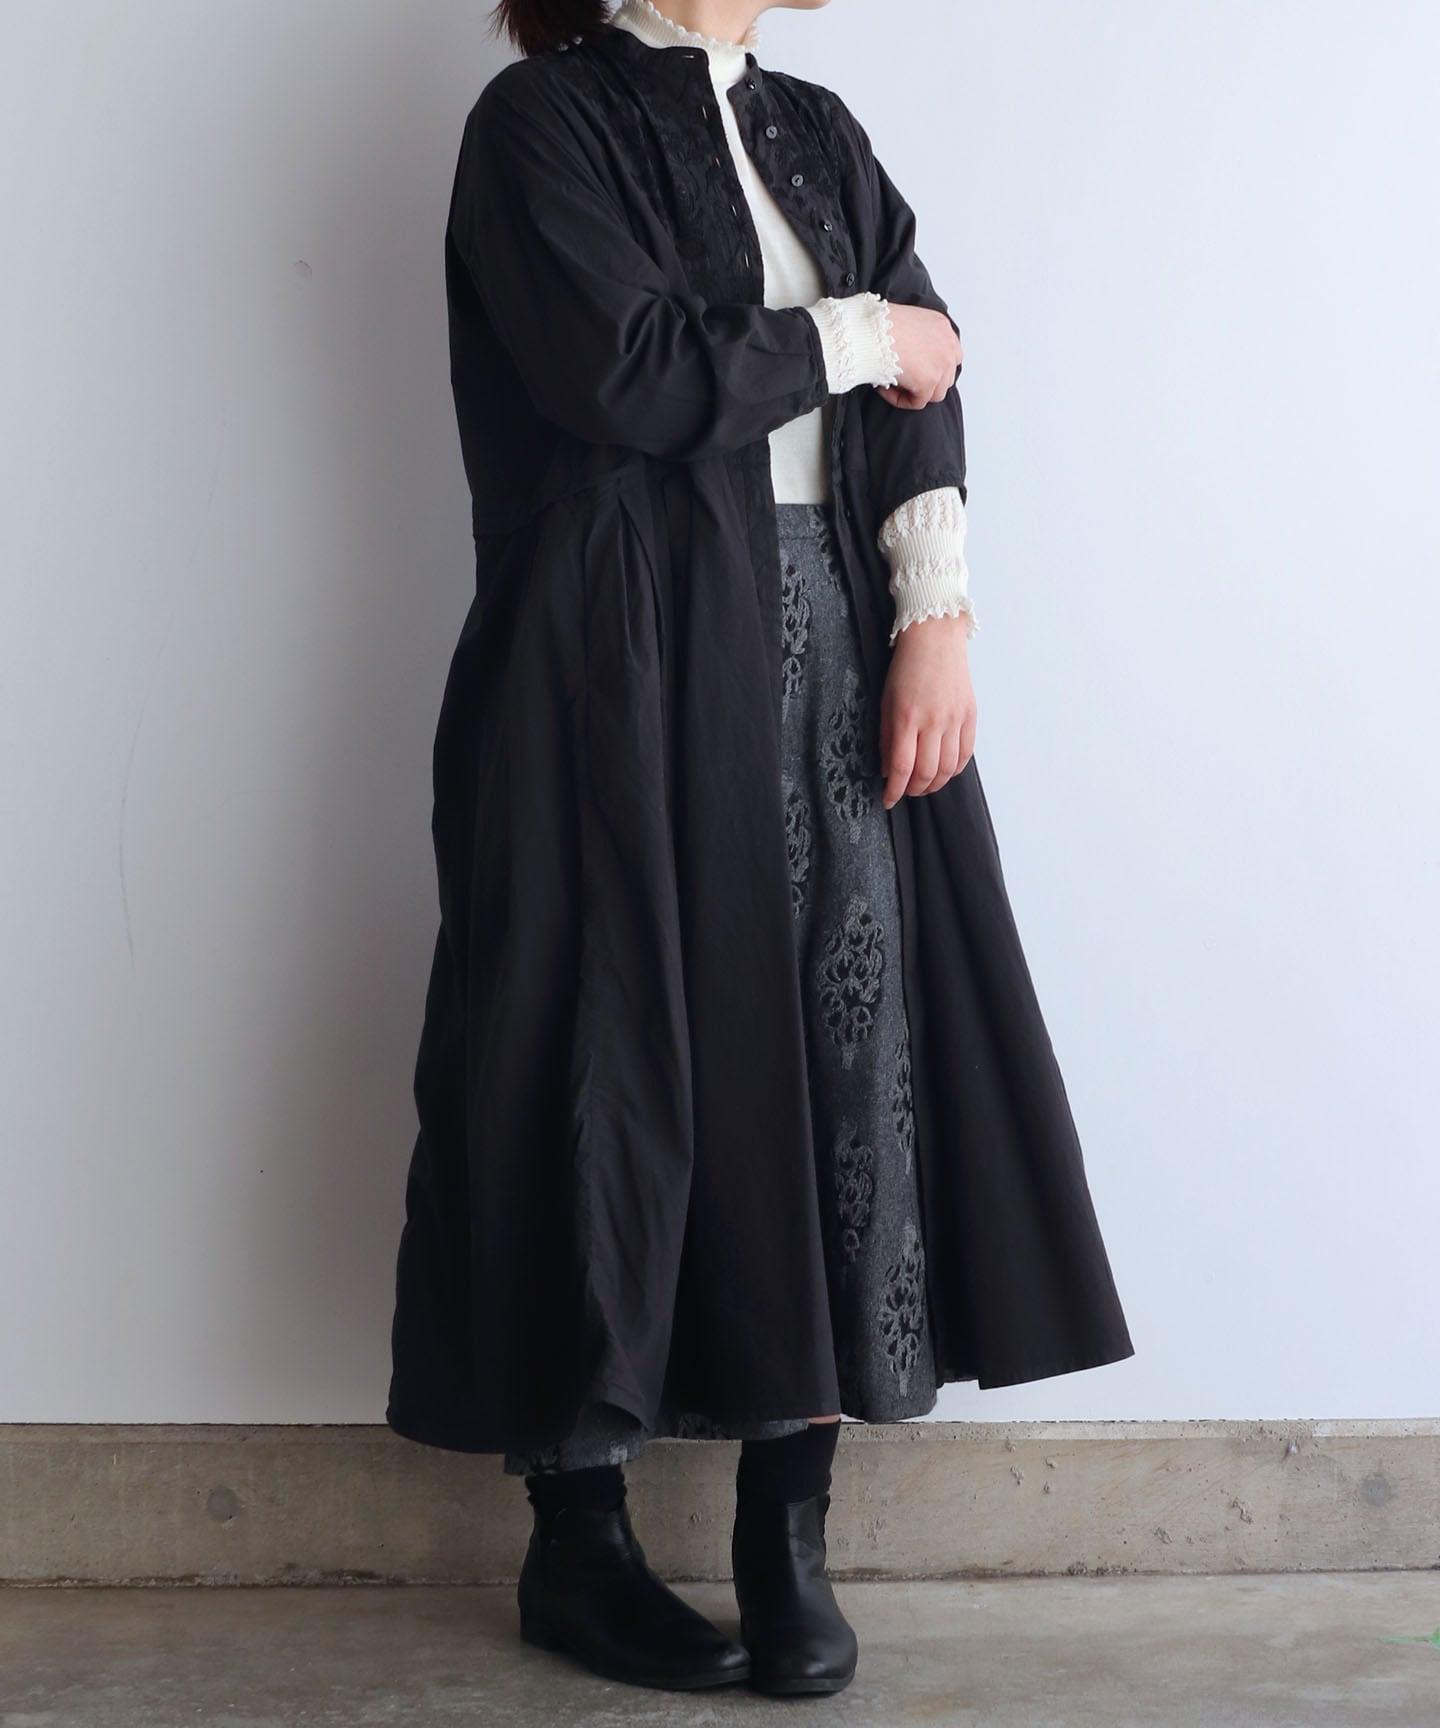 筆記帳刺繍 製品染め切り替えワンピースドレスコート(mua616)